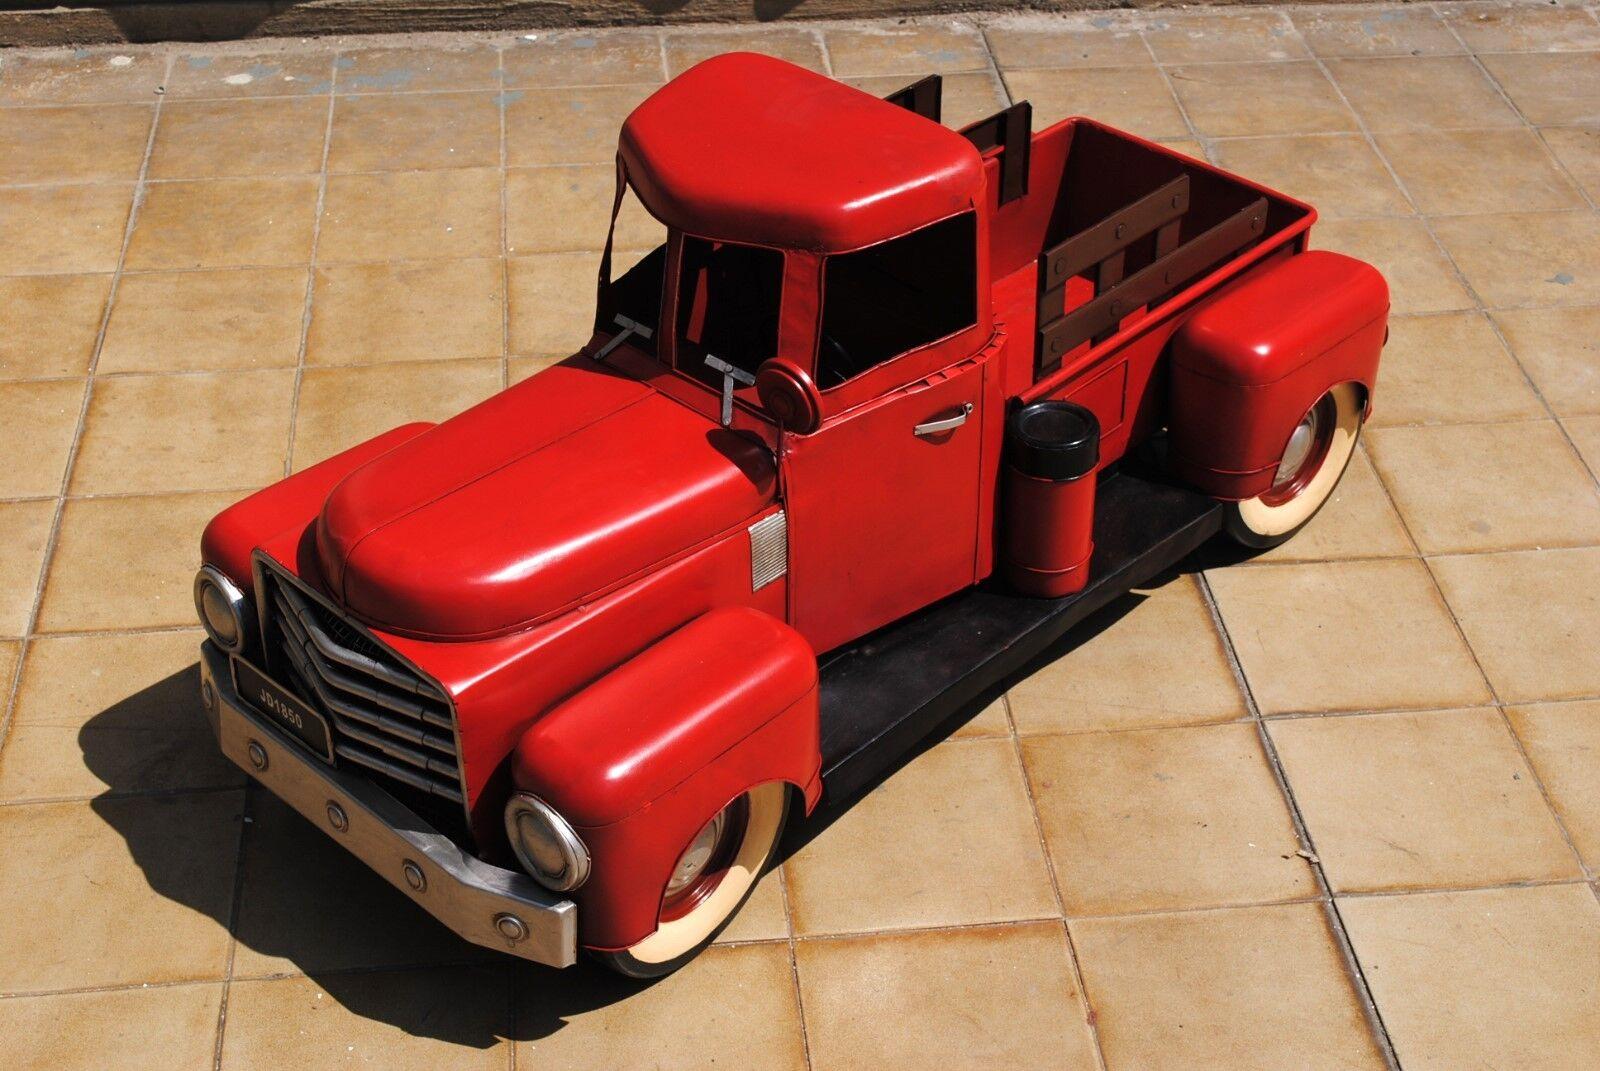 Auto voiture miniature pic up longueur 100cm Décoration Nº 2 tôle picup